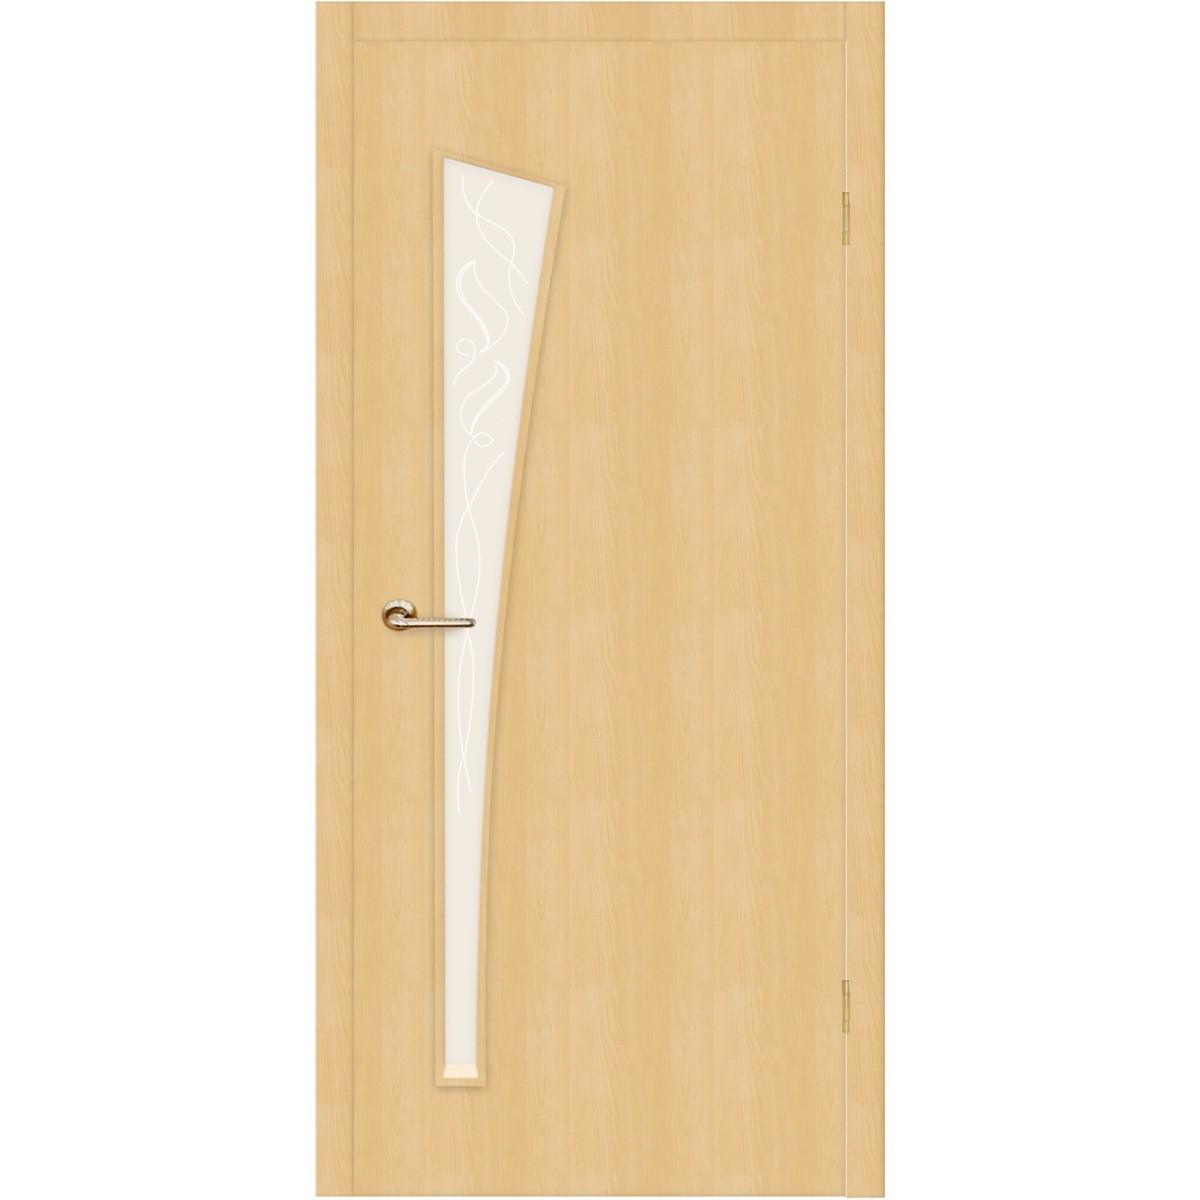 Дверь Межкомнатная Остеклённая Belleza 60x200 Ламинация Цвет Дуб Белый